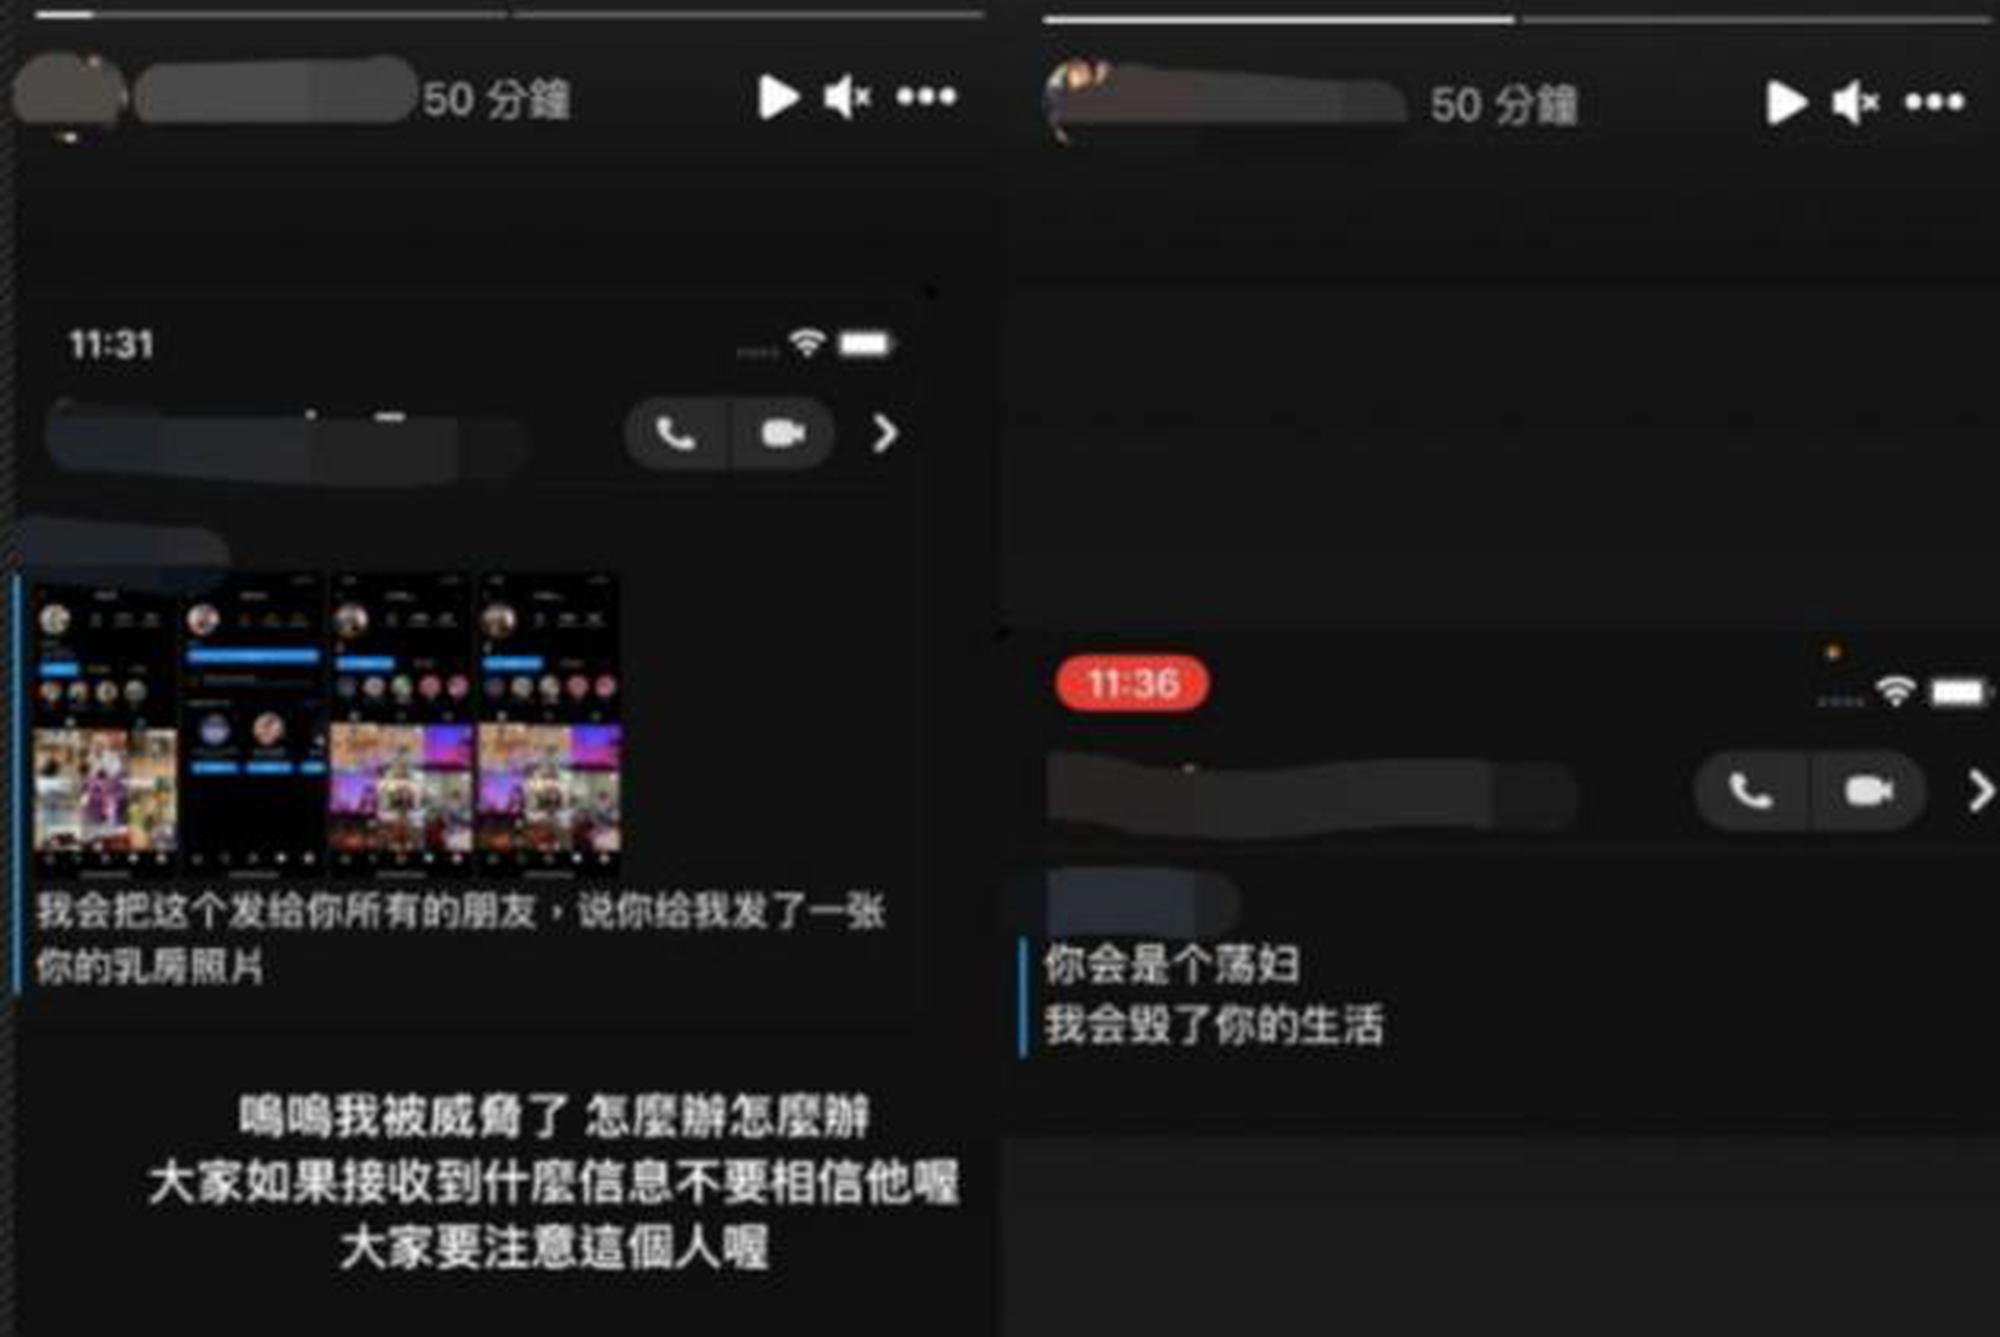 梧桐妹收到陌生人威胁信息 贾静雯称已报警备案